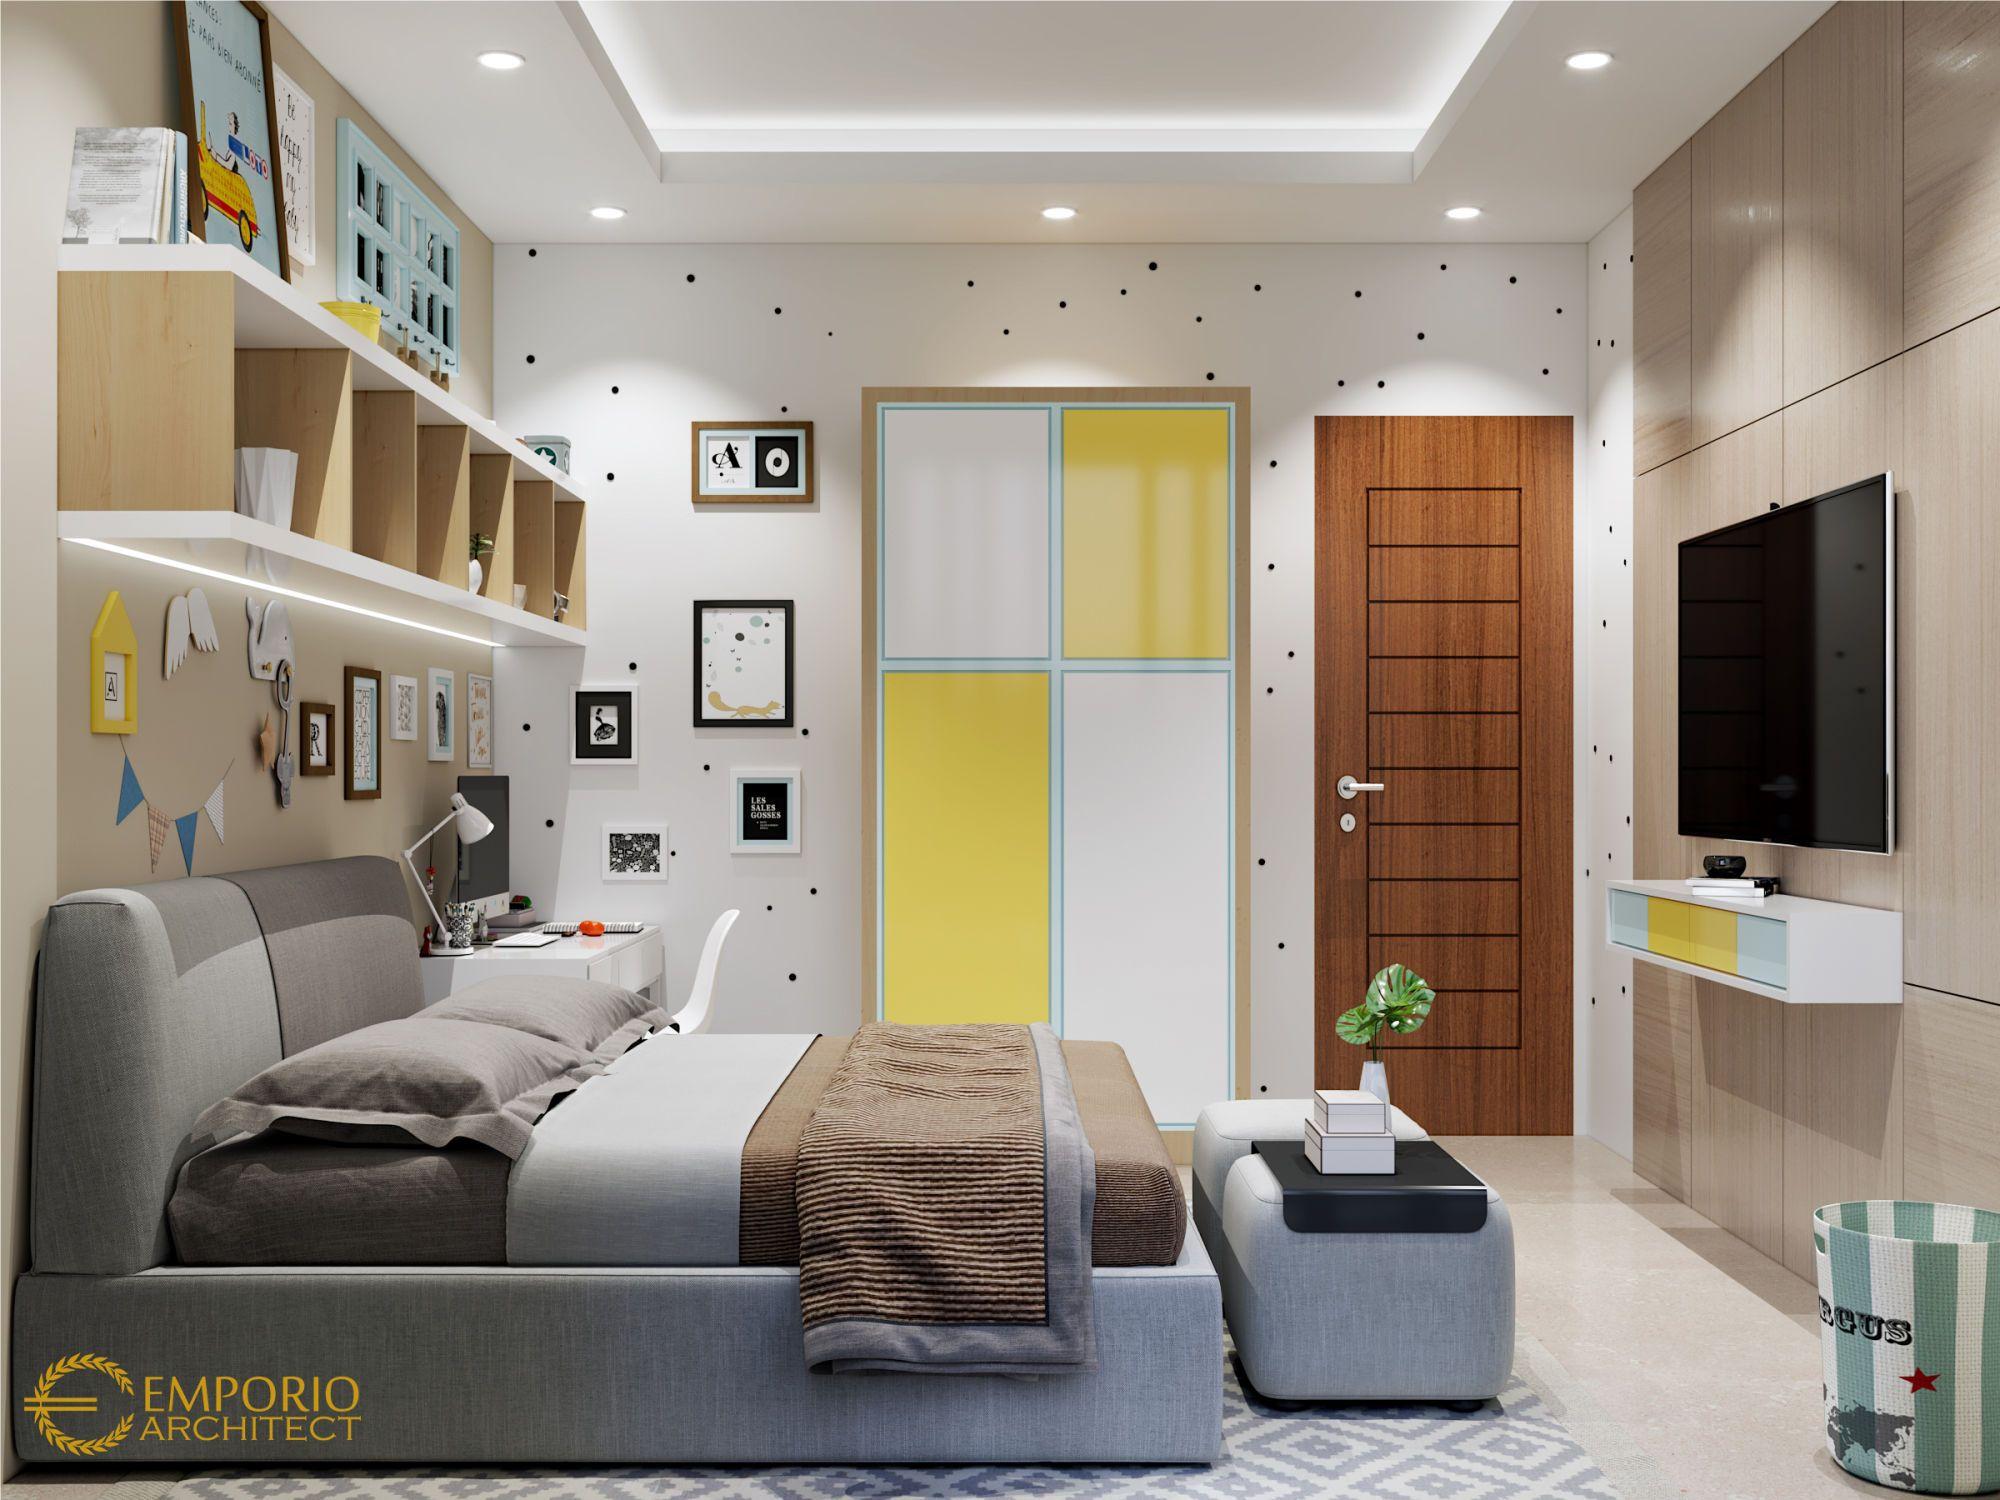 Jasa Arsitek Tangerang Desain Rumah Mr Hr Desain Rumah Desain Interior Desain